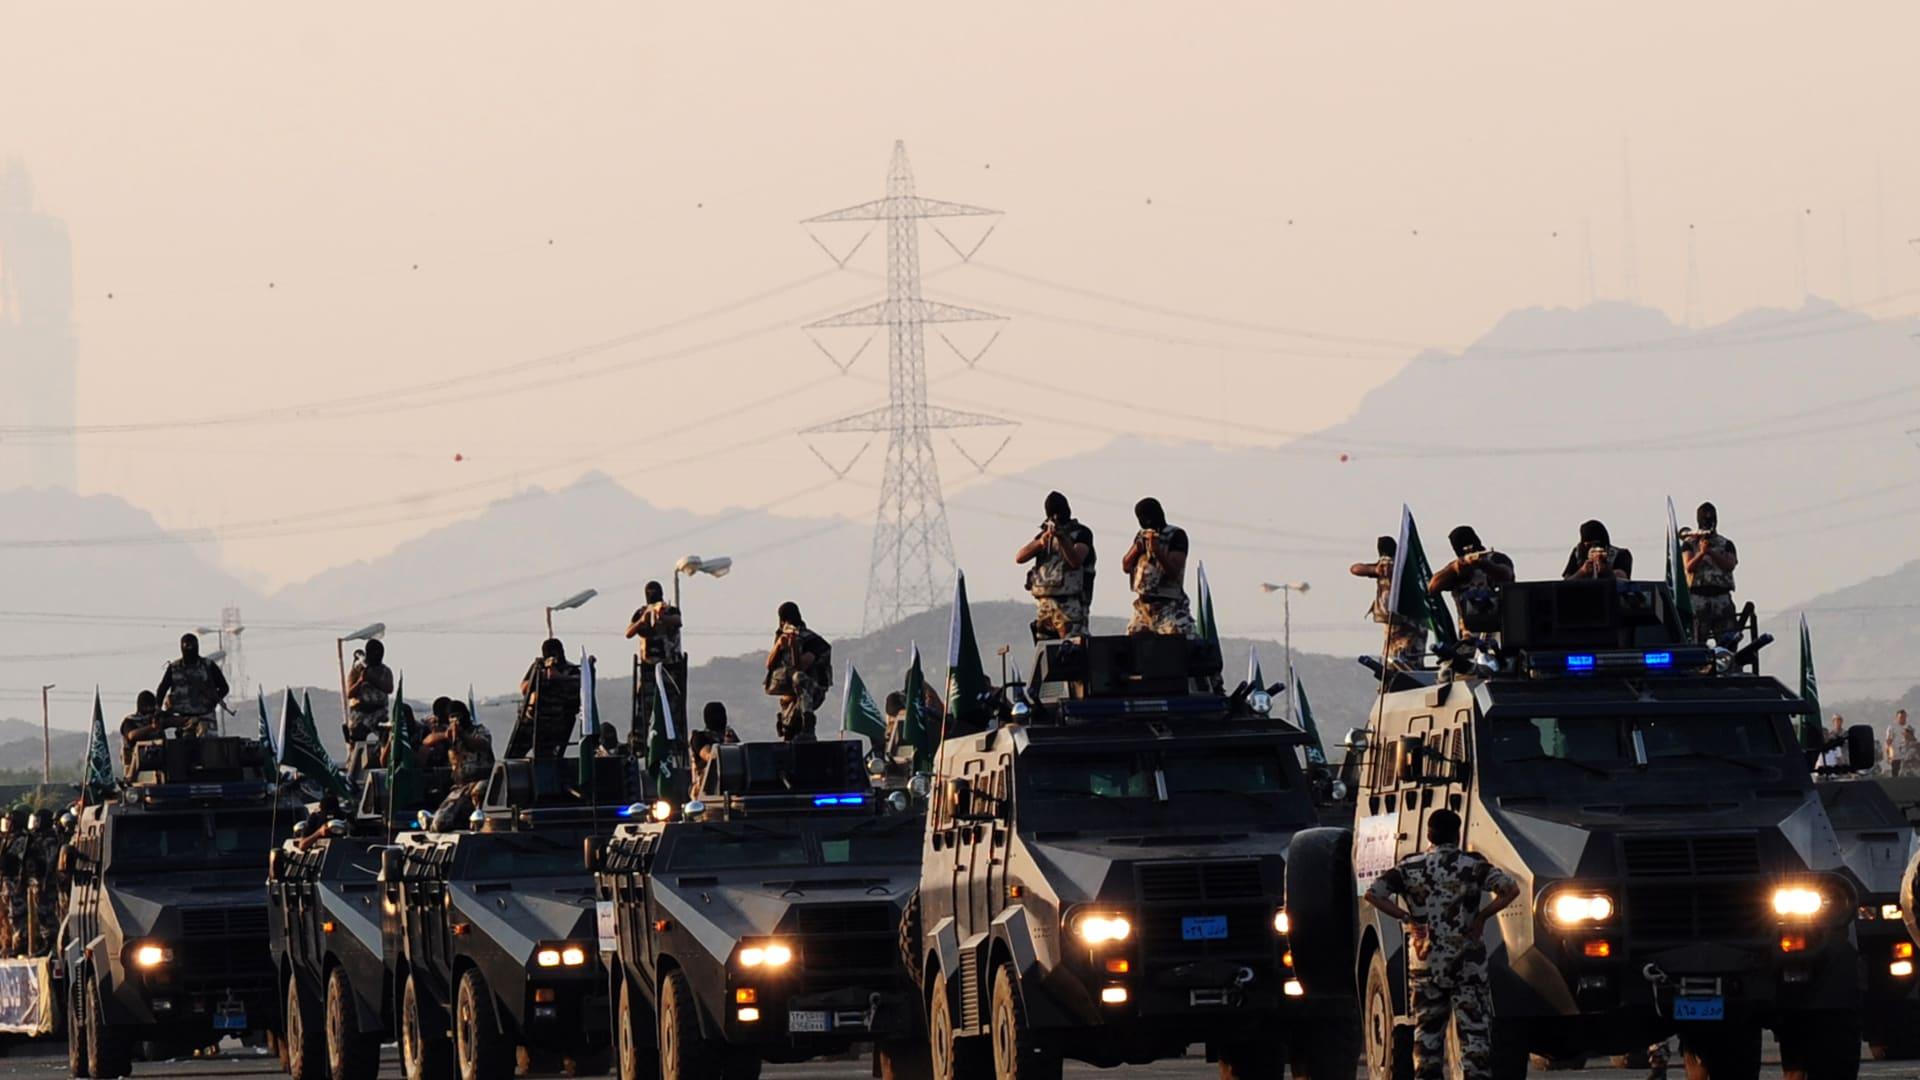 السعودية: أمن الدولة يكشف تفاصيل الهجوم على مركز مباحث شمال الرياض